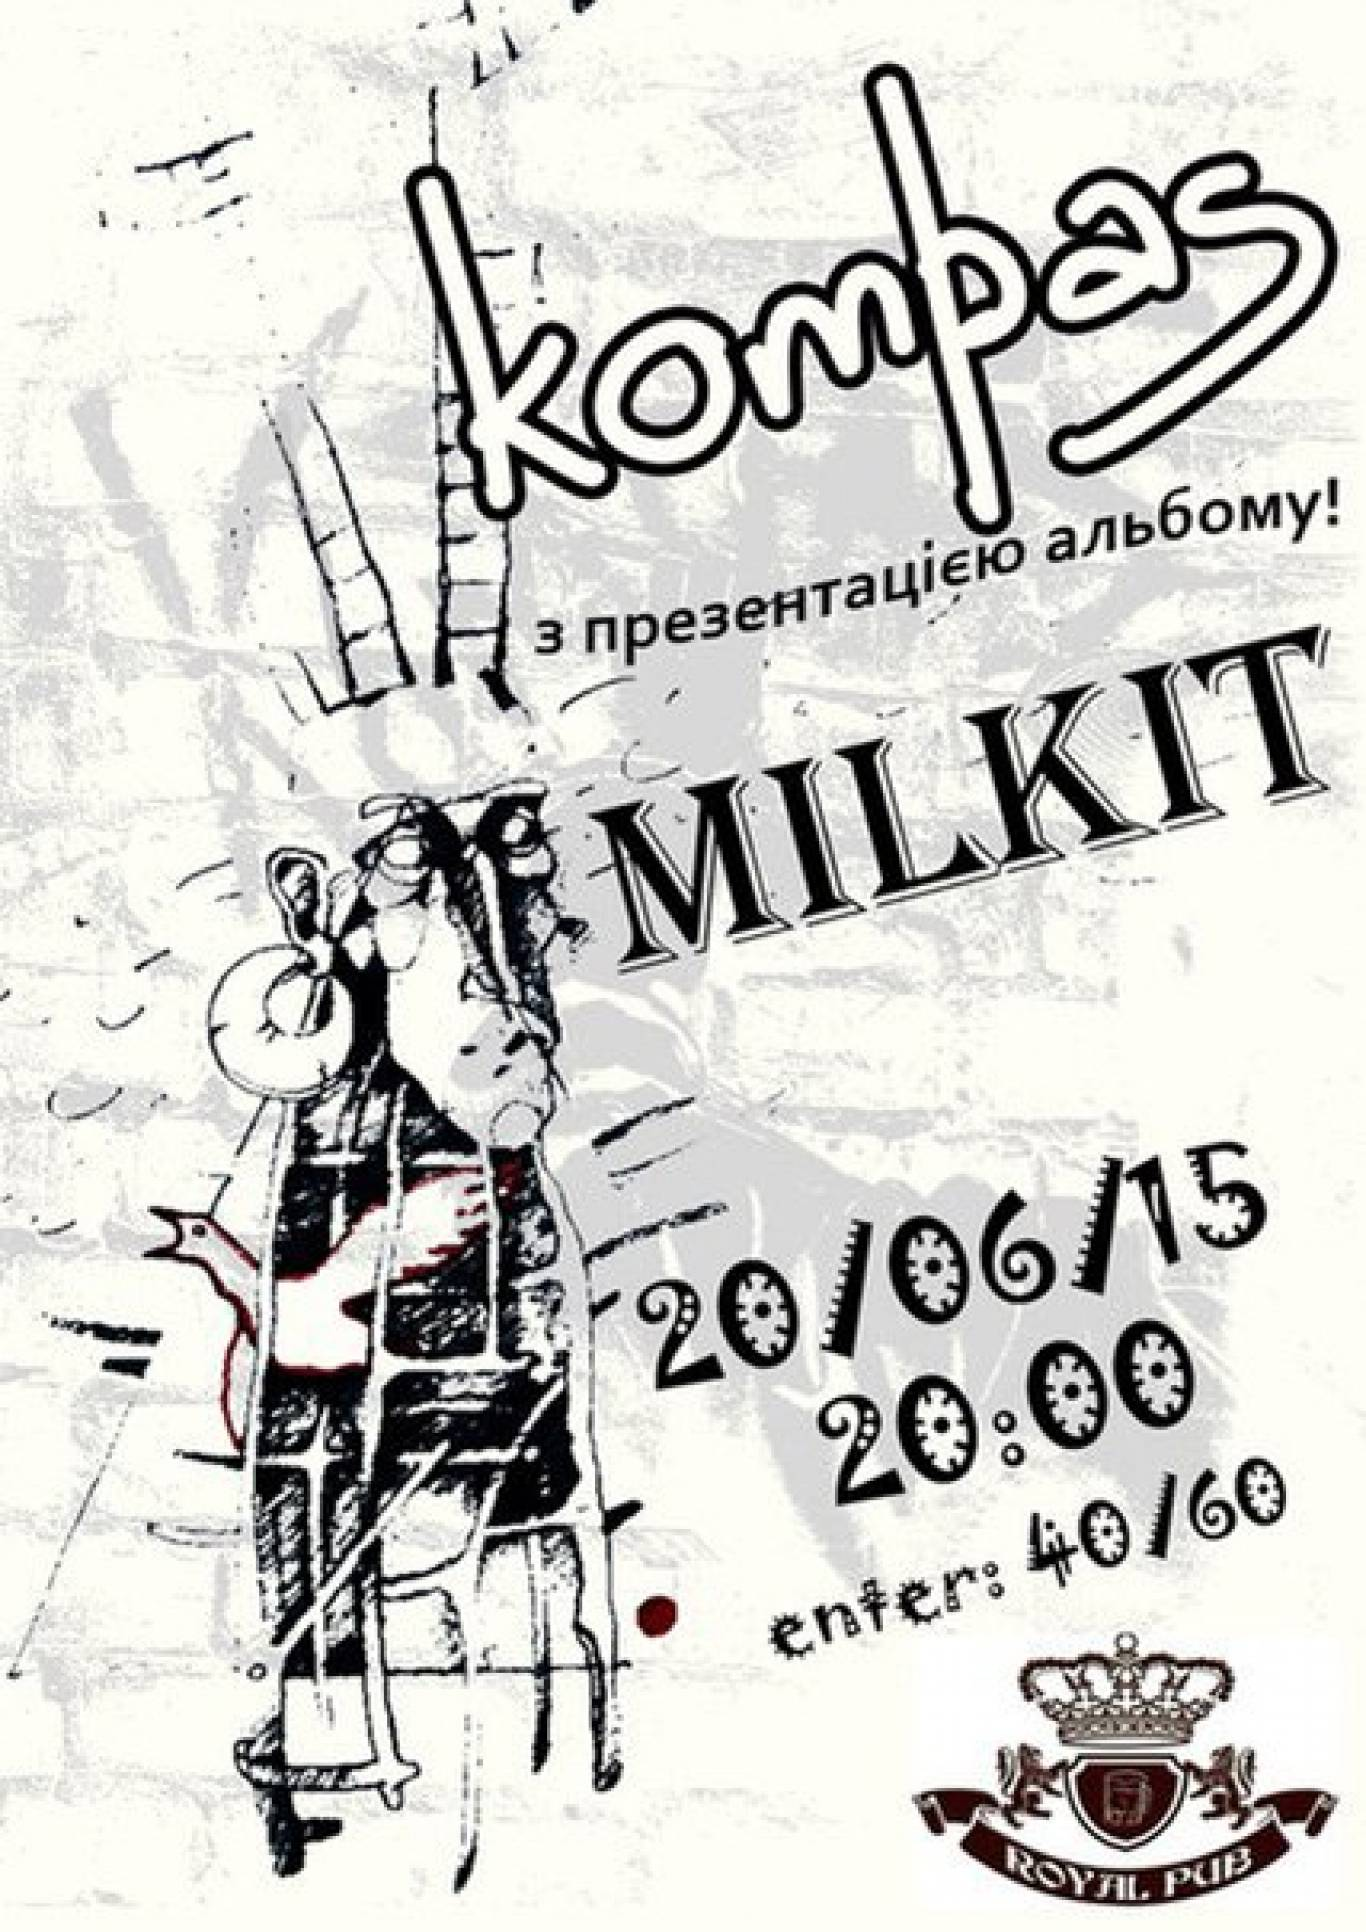 Гурт Milkit презентує свій новий альбом